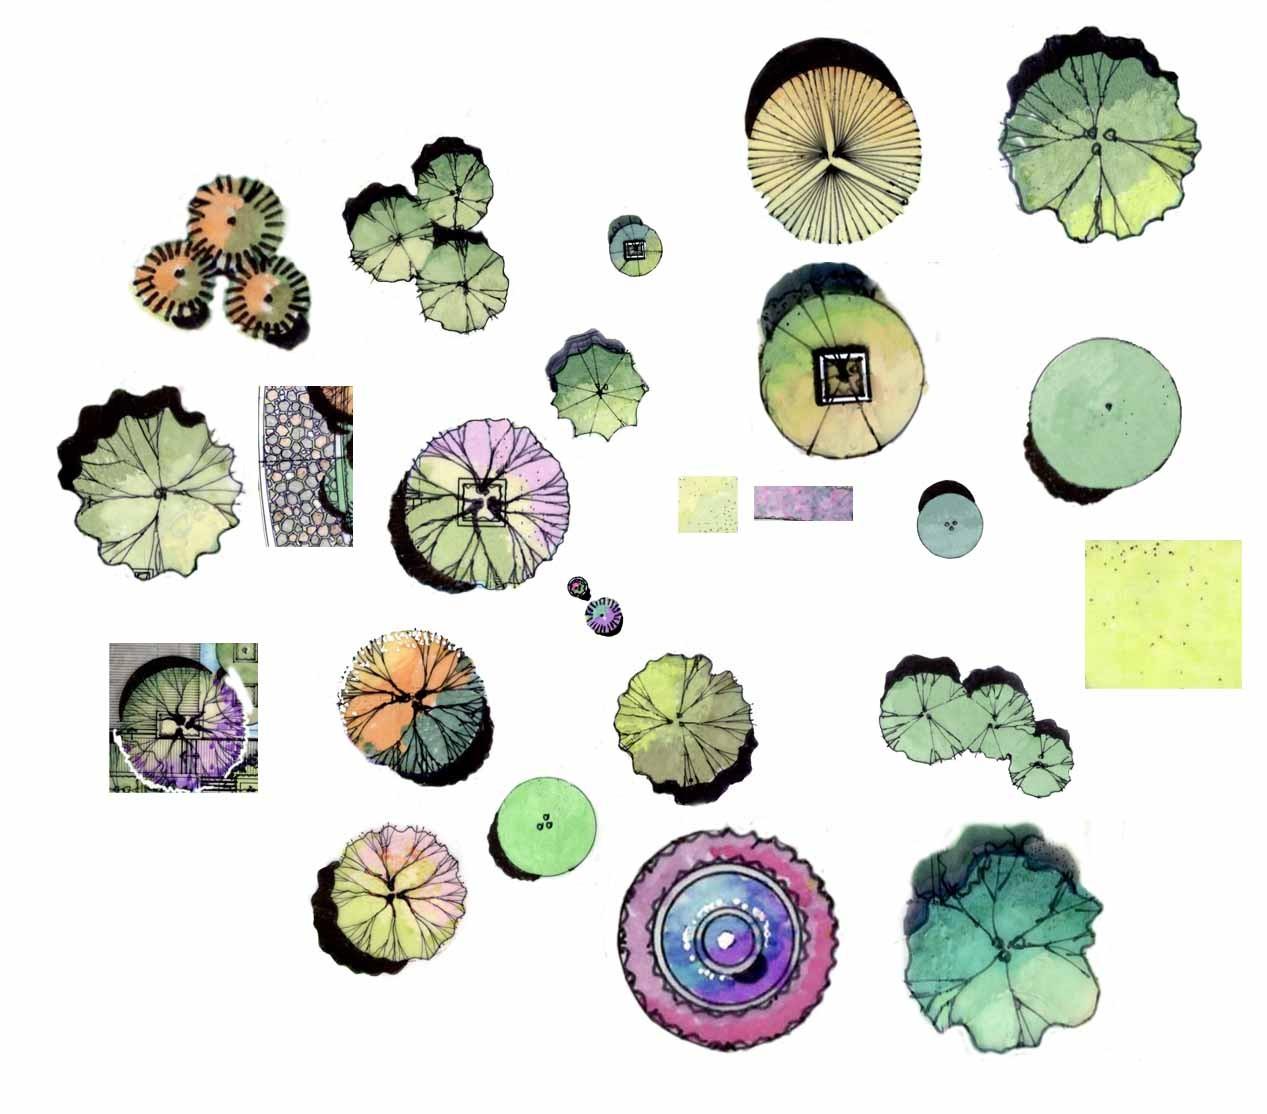 手绘植物平面.jpg